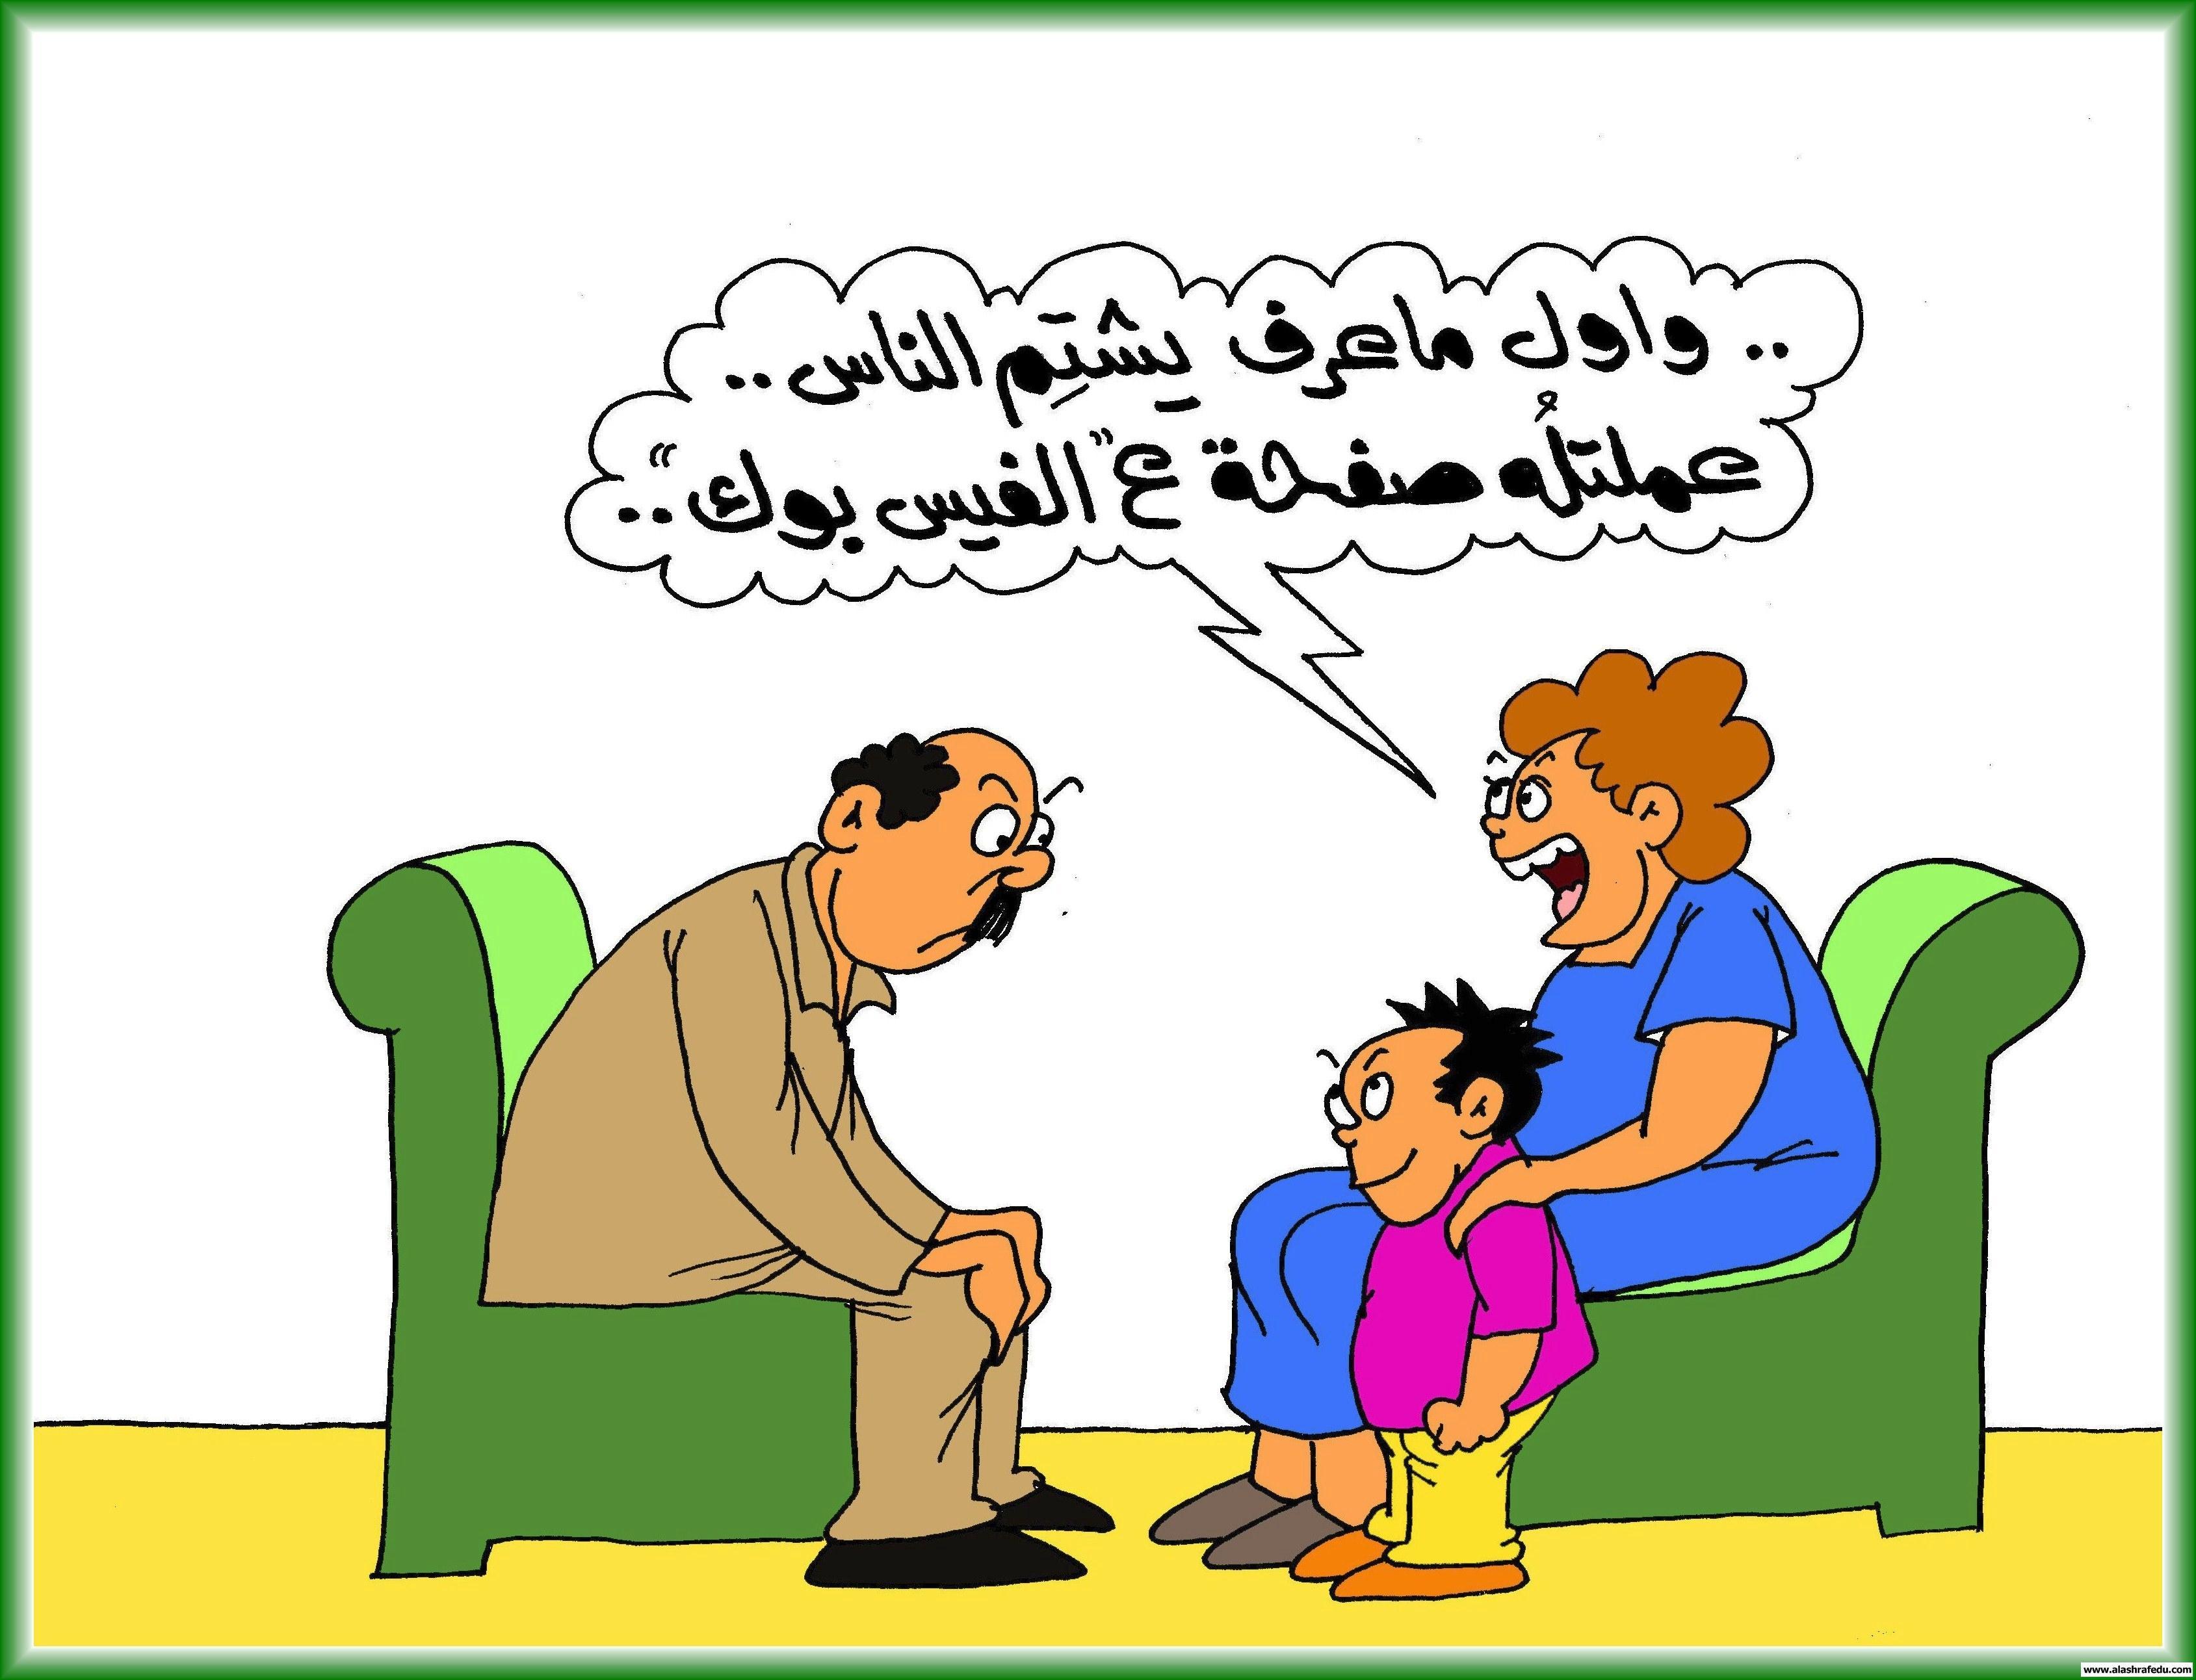 كاريكاتير يشتم عملتله صفحه الفيس 2018 www.alashrafedu.com1